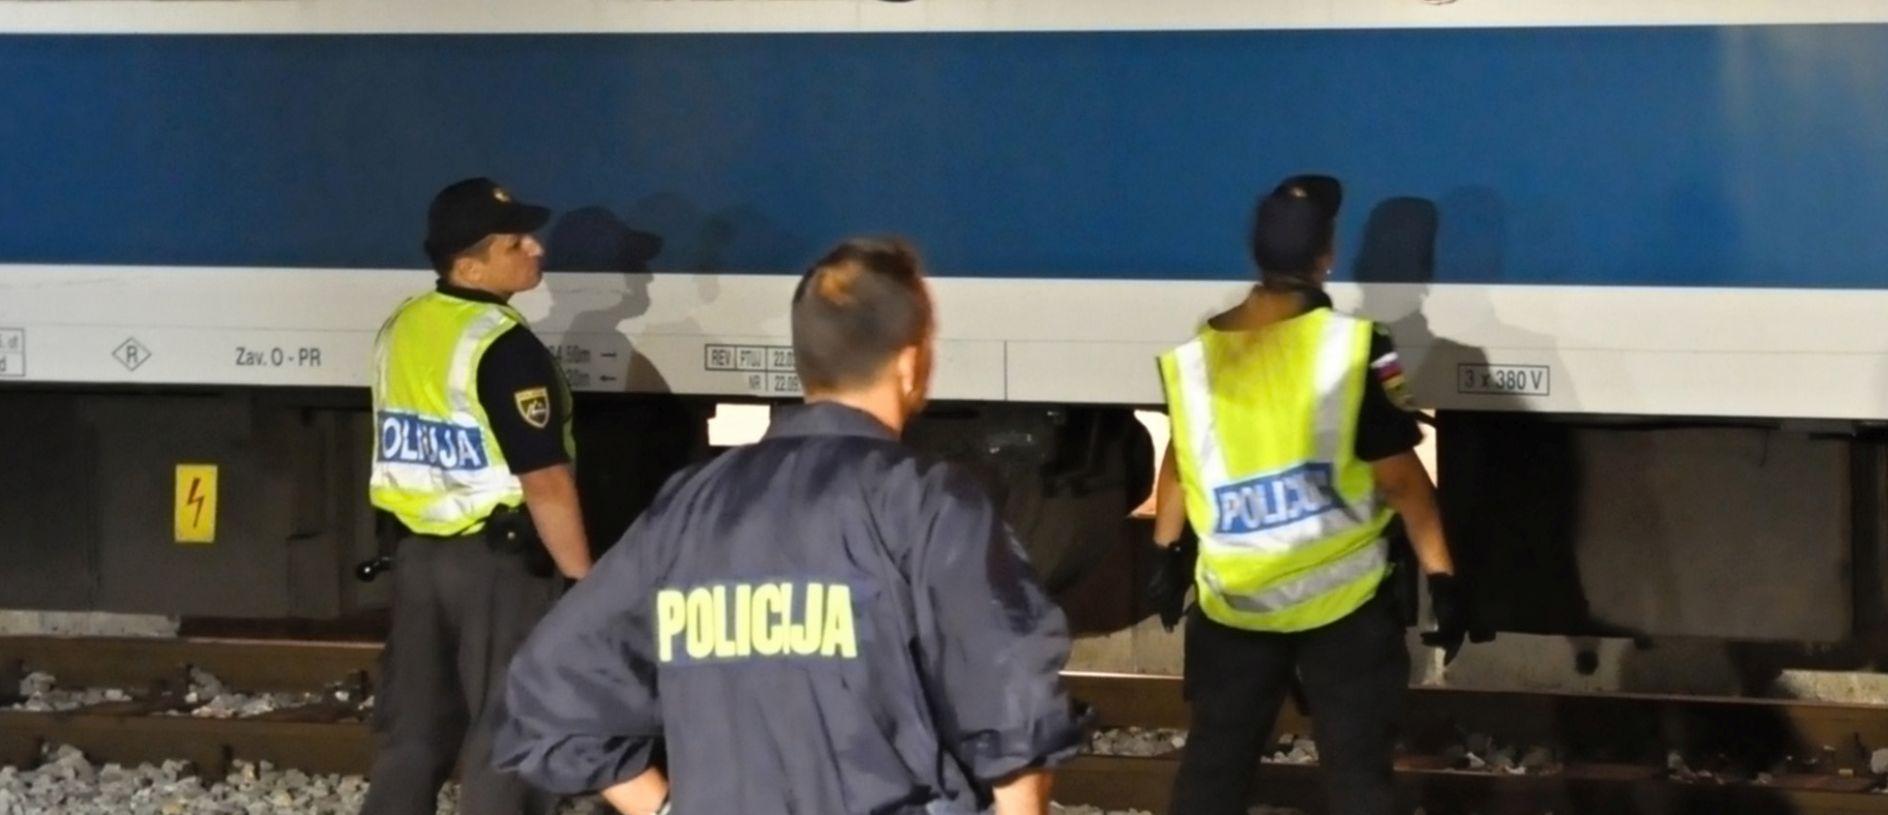 UPOZORENJE Sindikat policije Hrvatske: Policija se ne smije zanemarivati